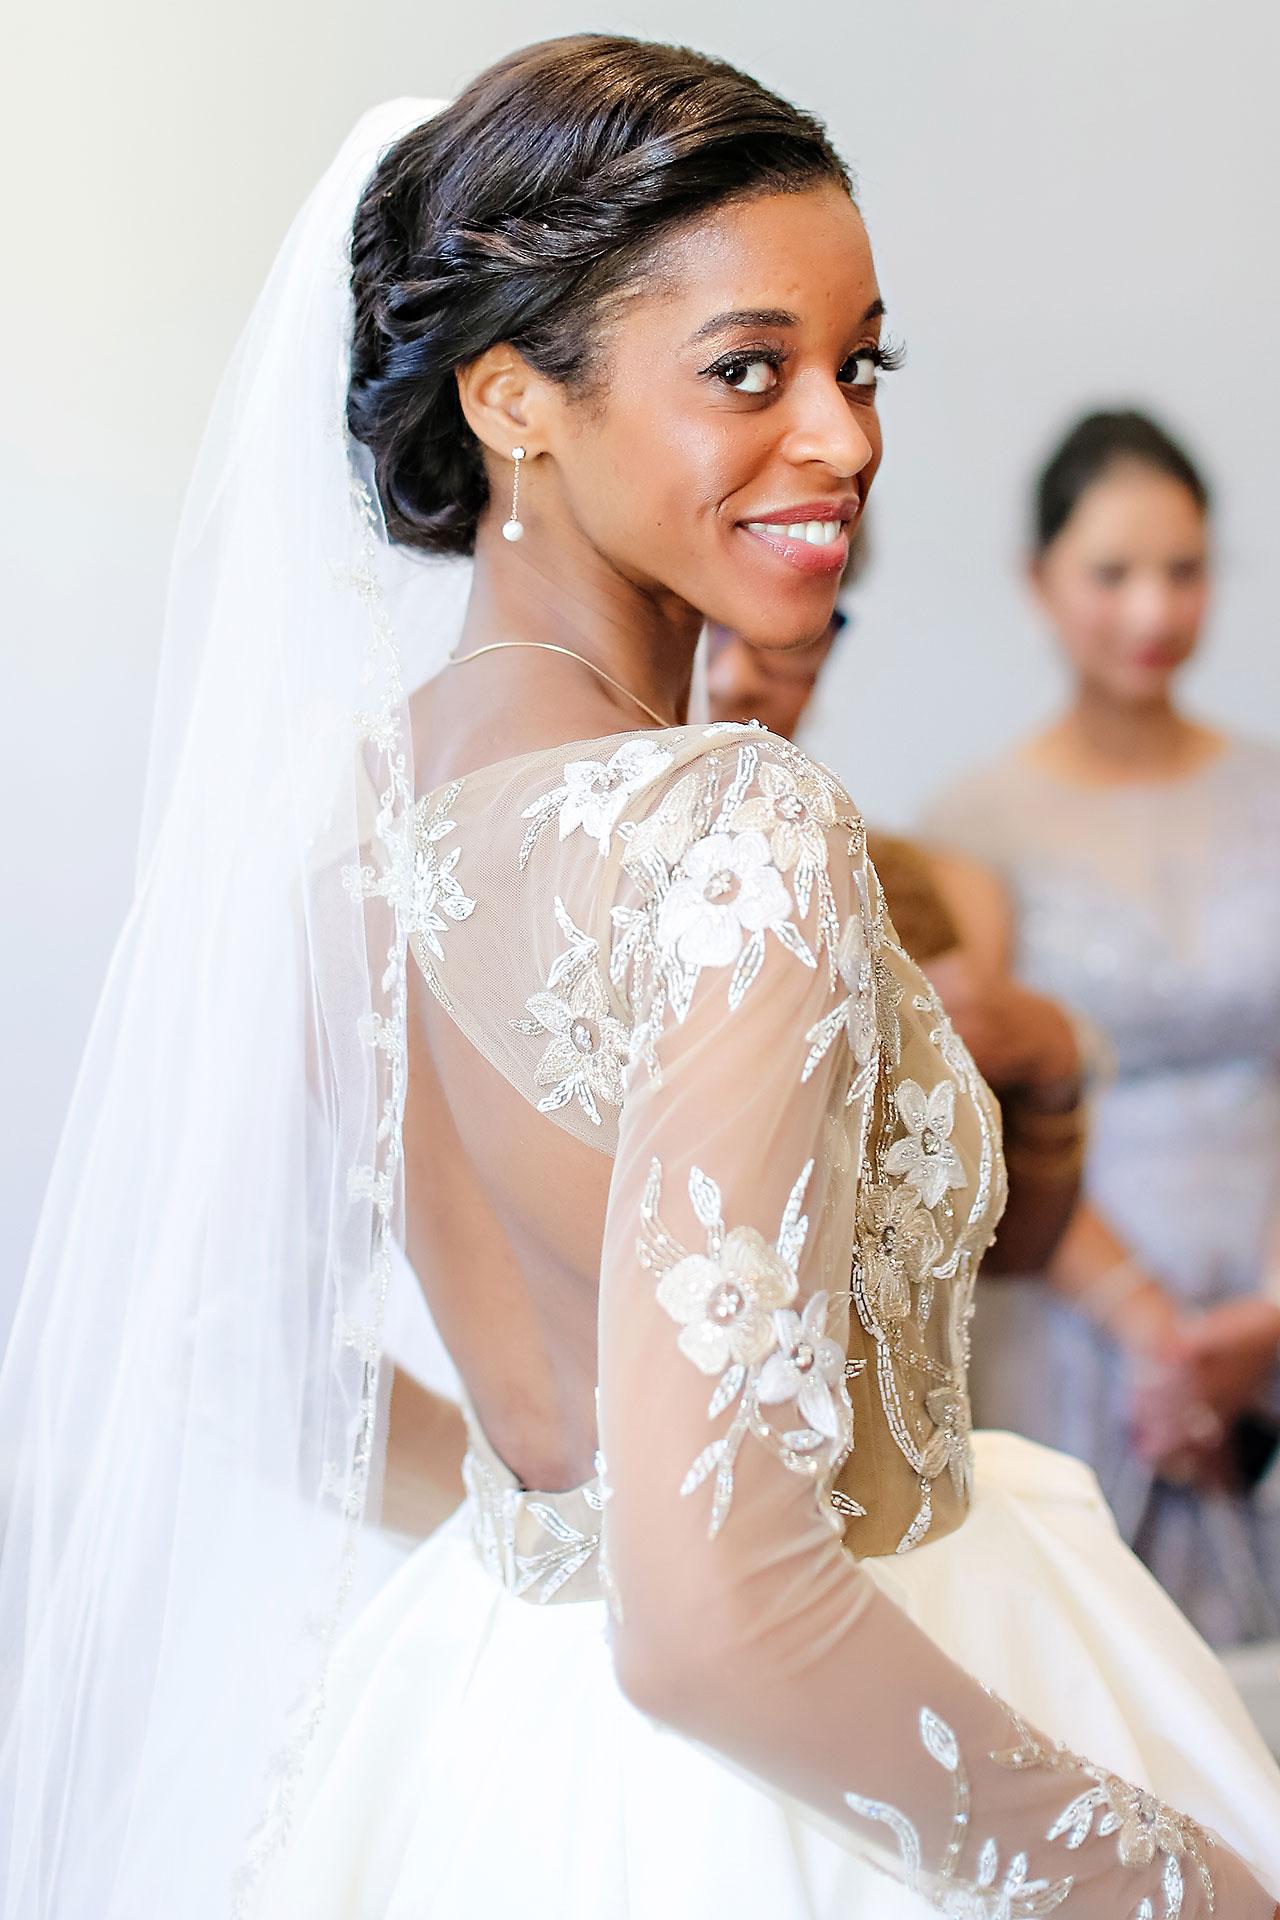 Joie Nikhil Indianapolis Christian Wedding 057